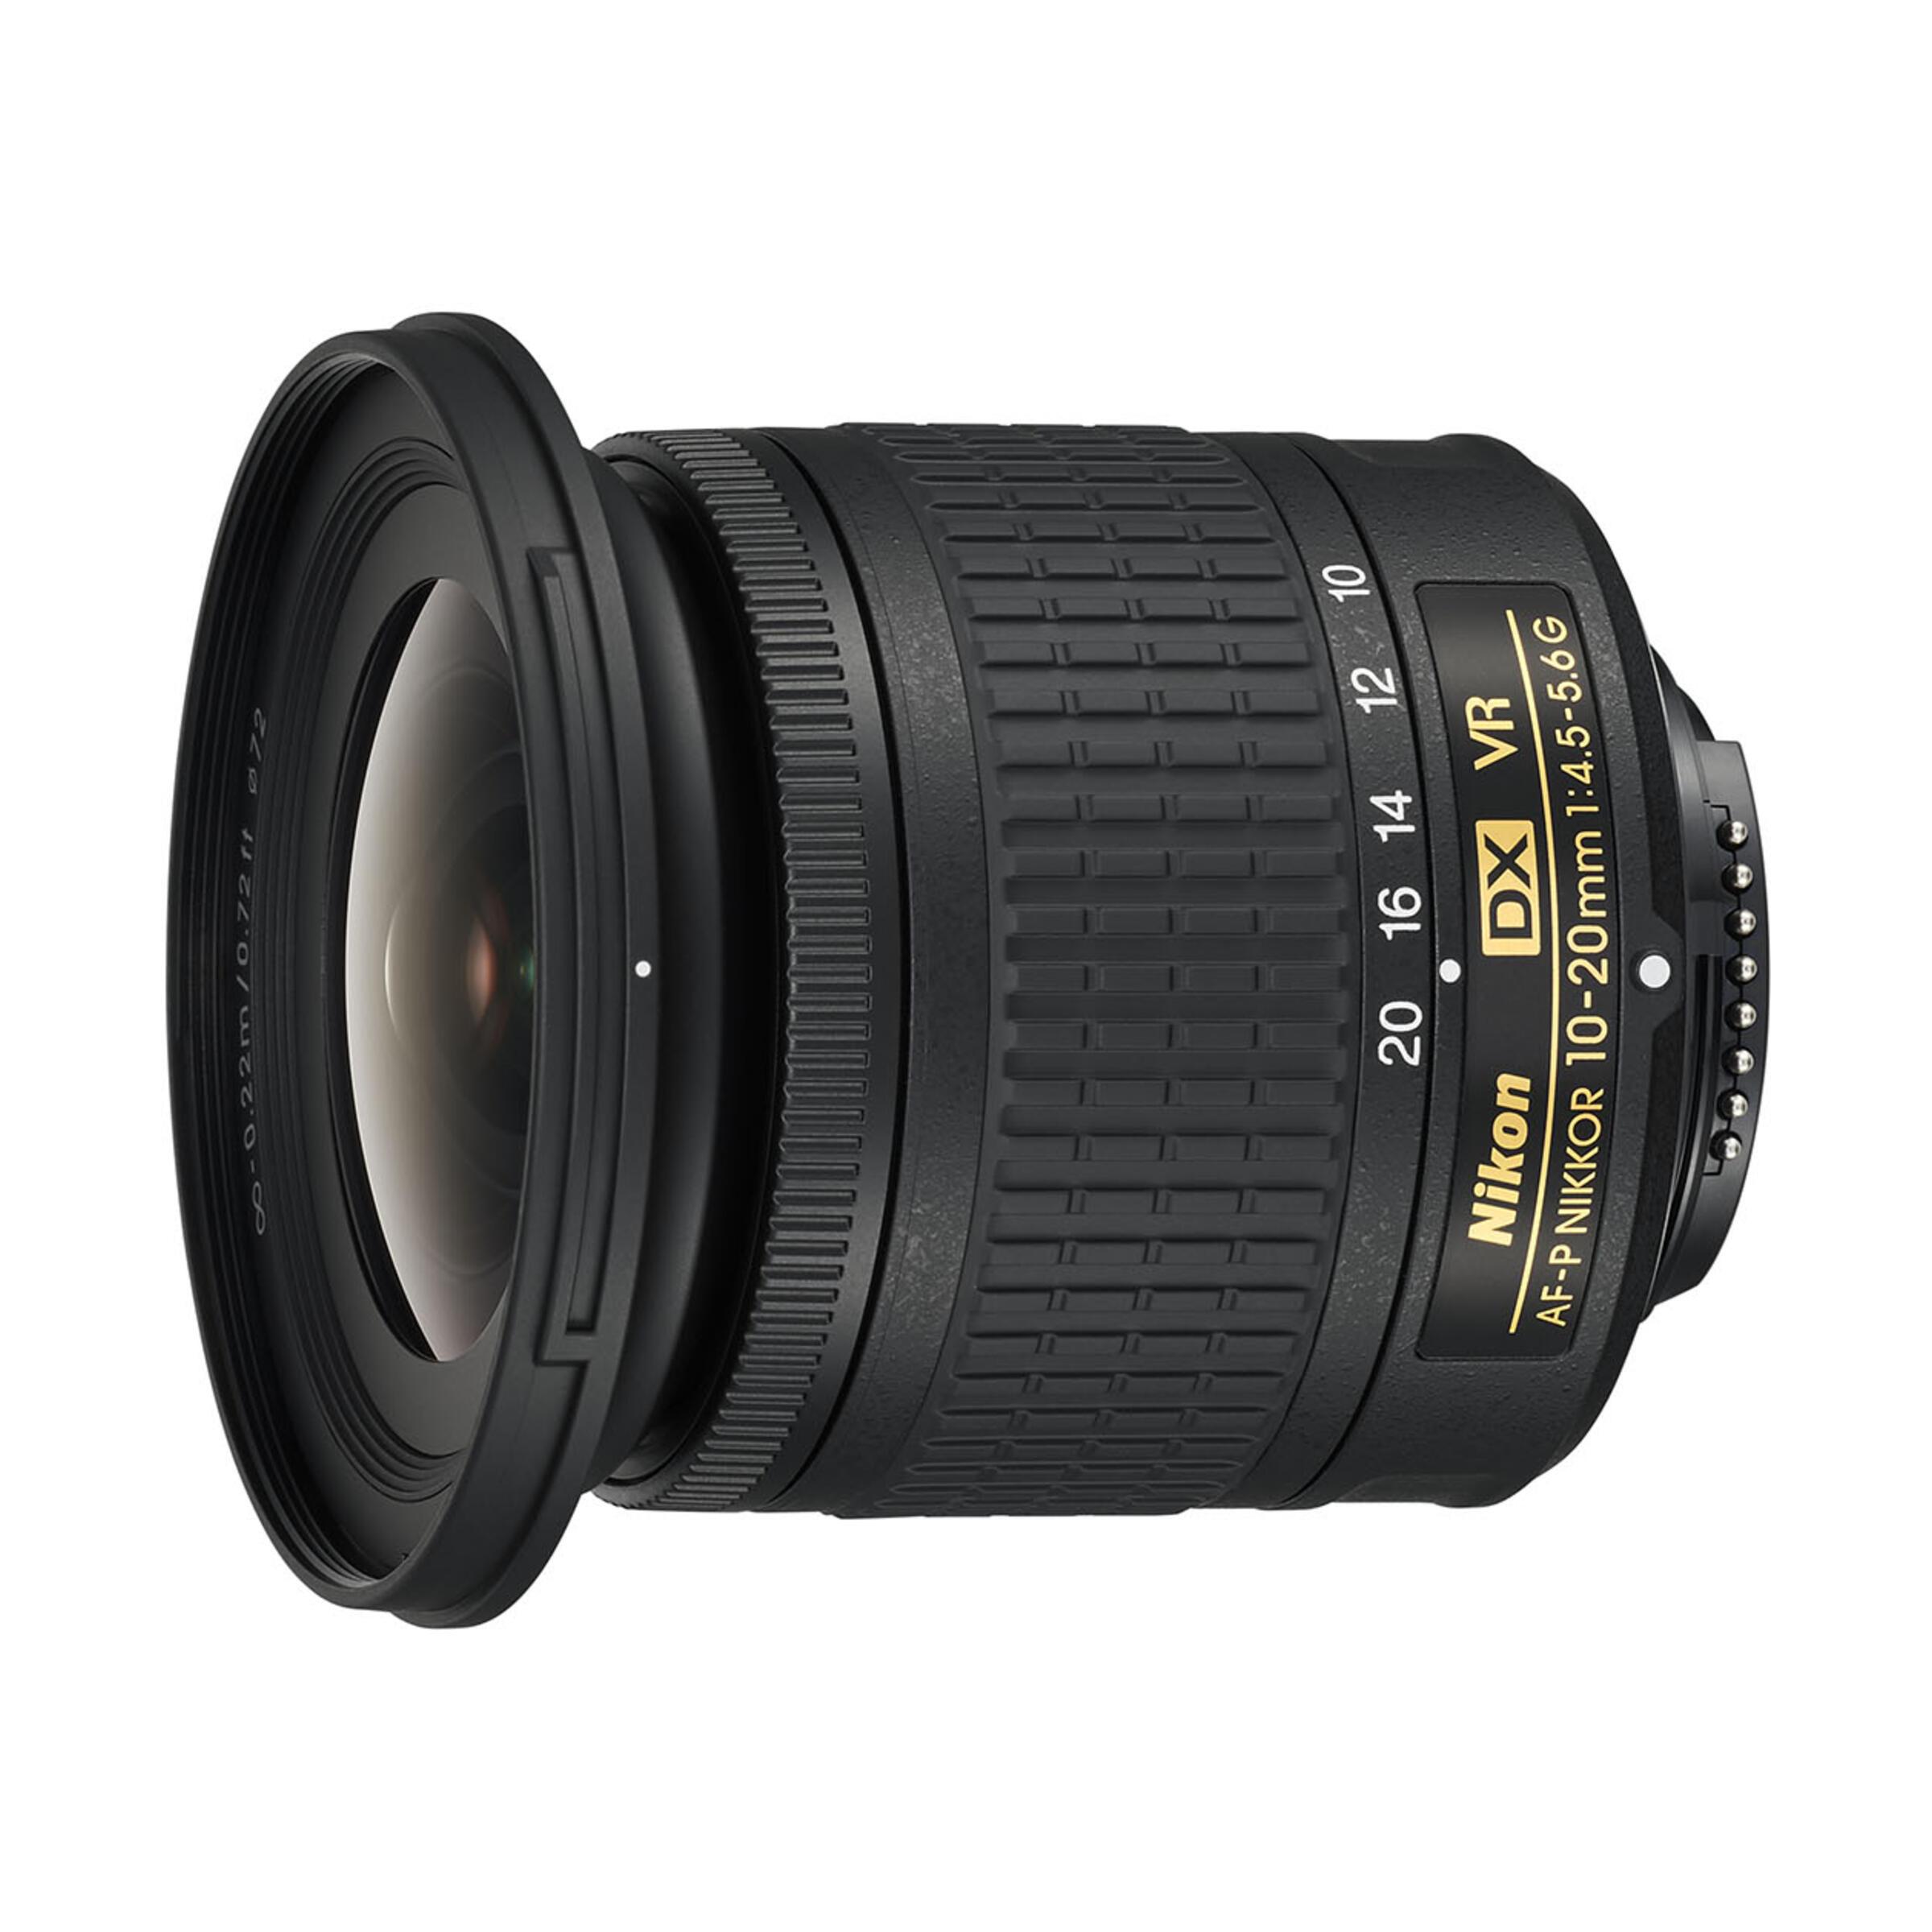 Nikon AF-P DX 10-20mm f/4,5-5,6 G VR